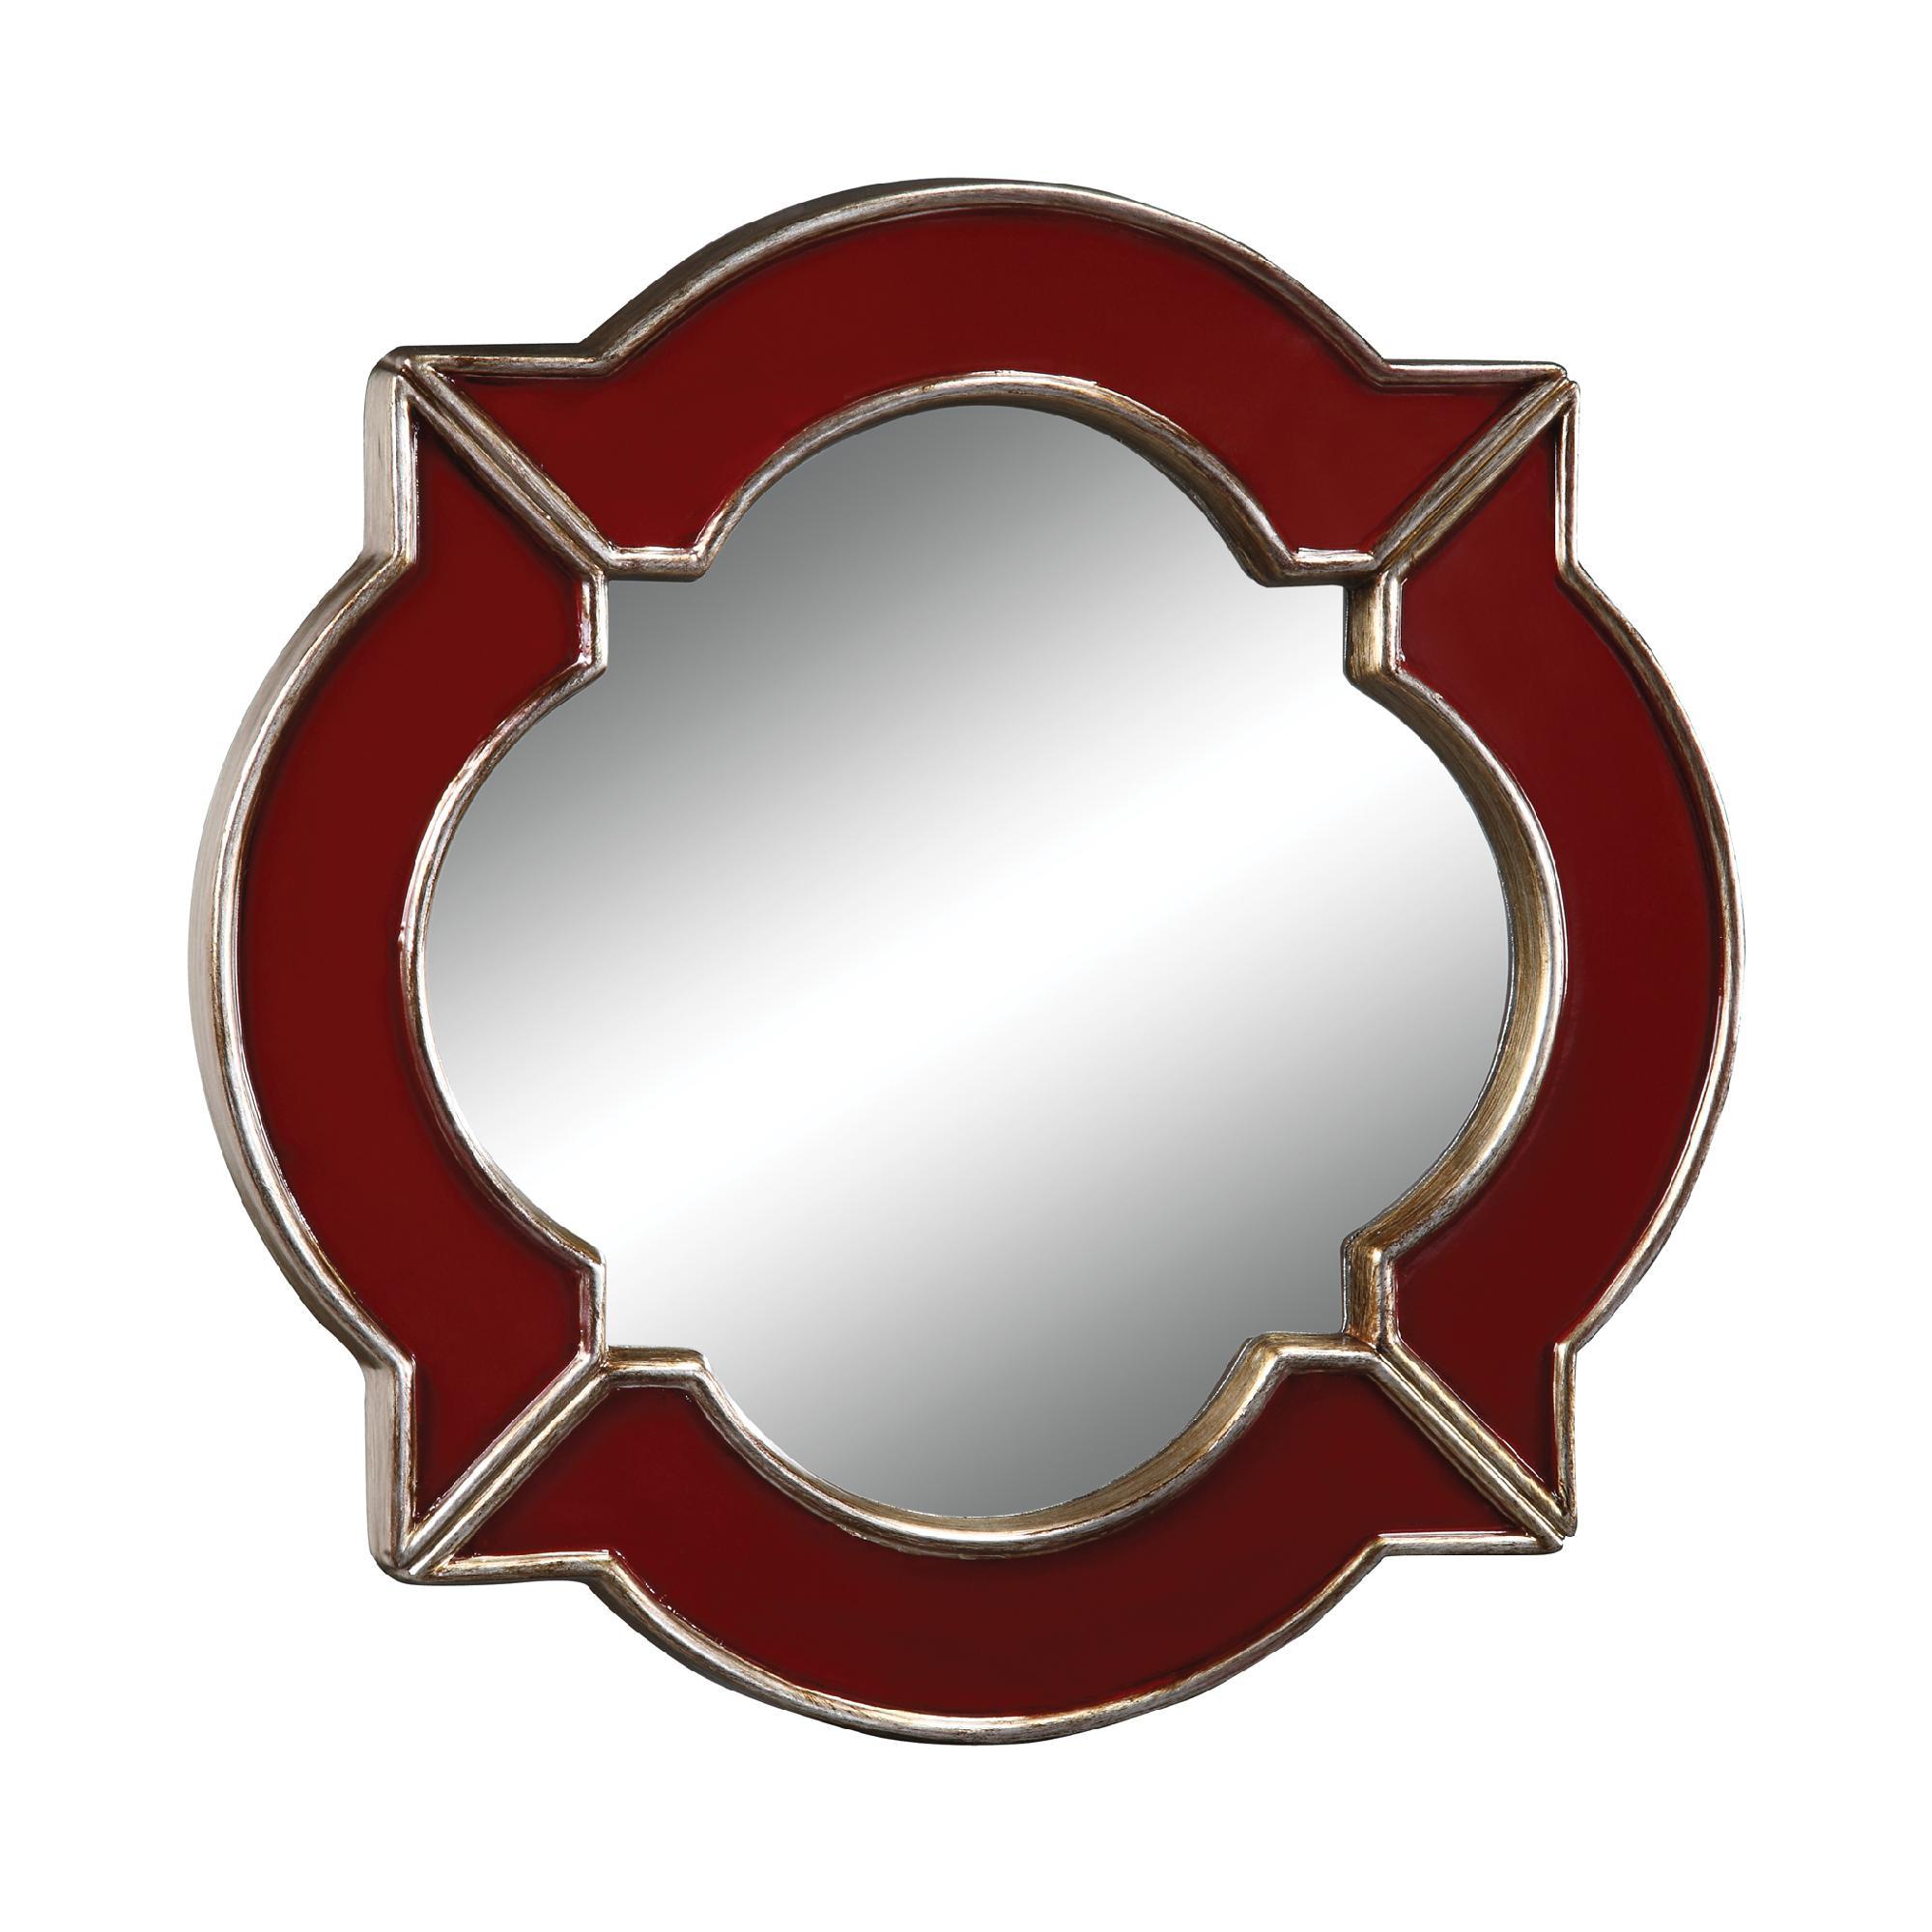 Sterling Industries Lilliput In Schribner Red Mirror